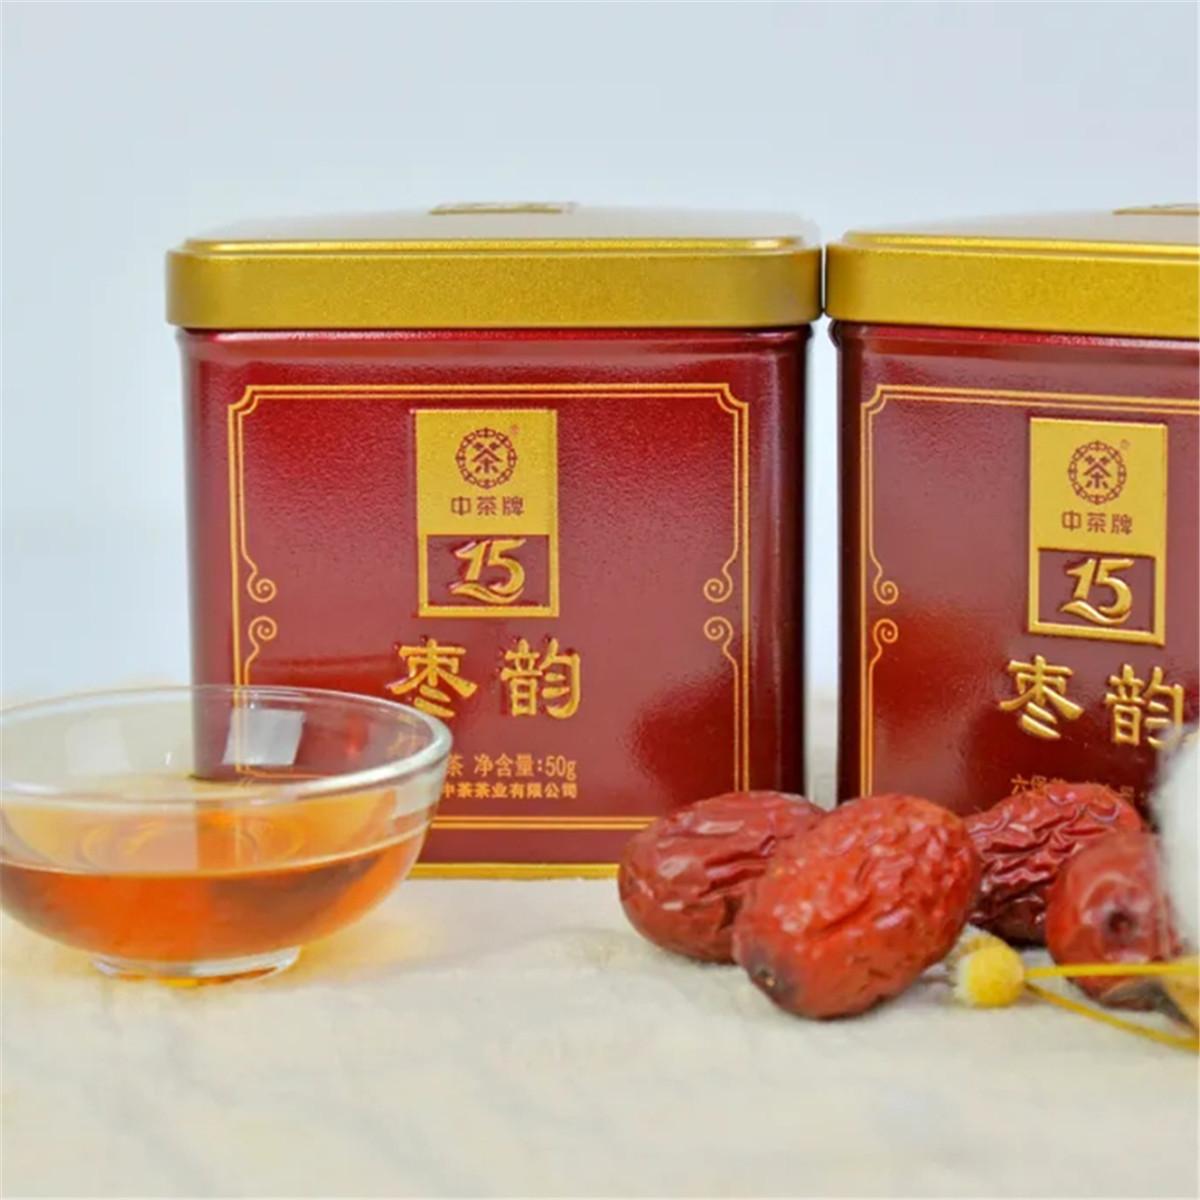 中茶 中粮梧州六堡茶黑茶 枣韵三级散茶 50g/罐